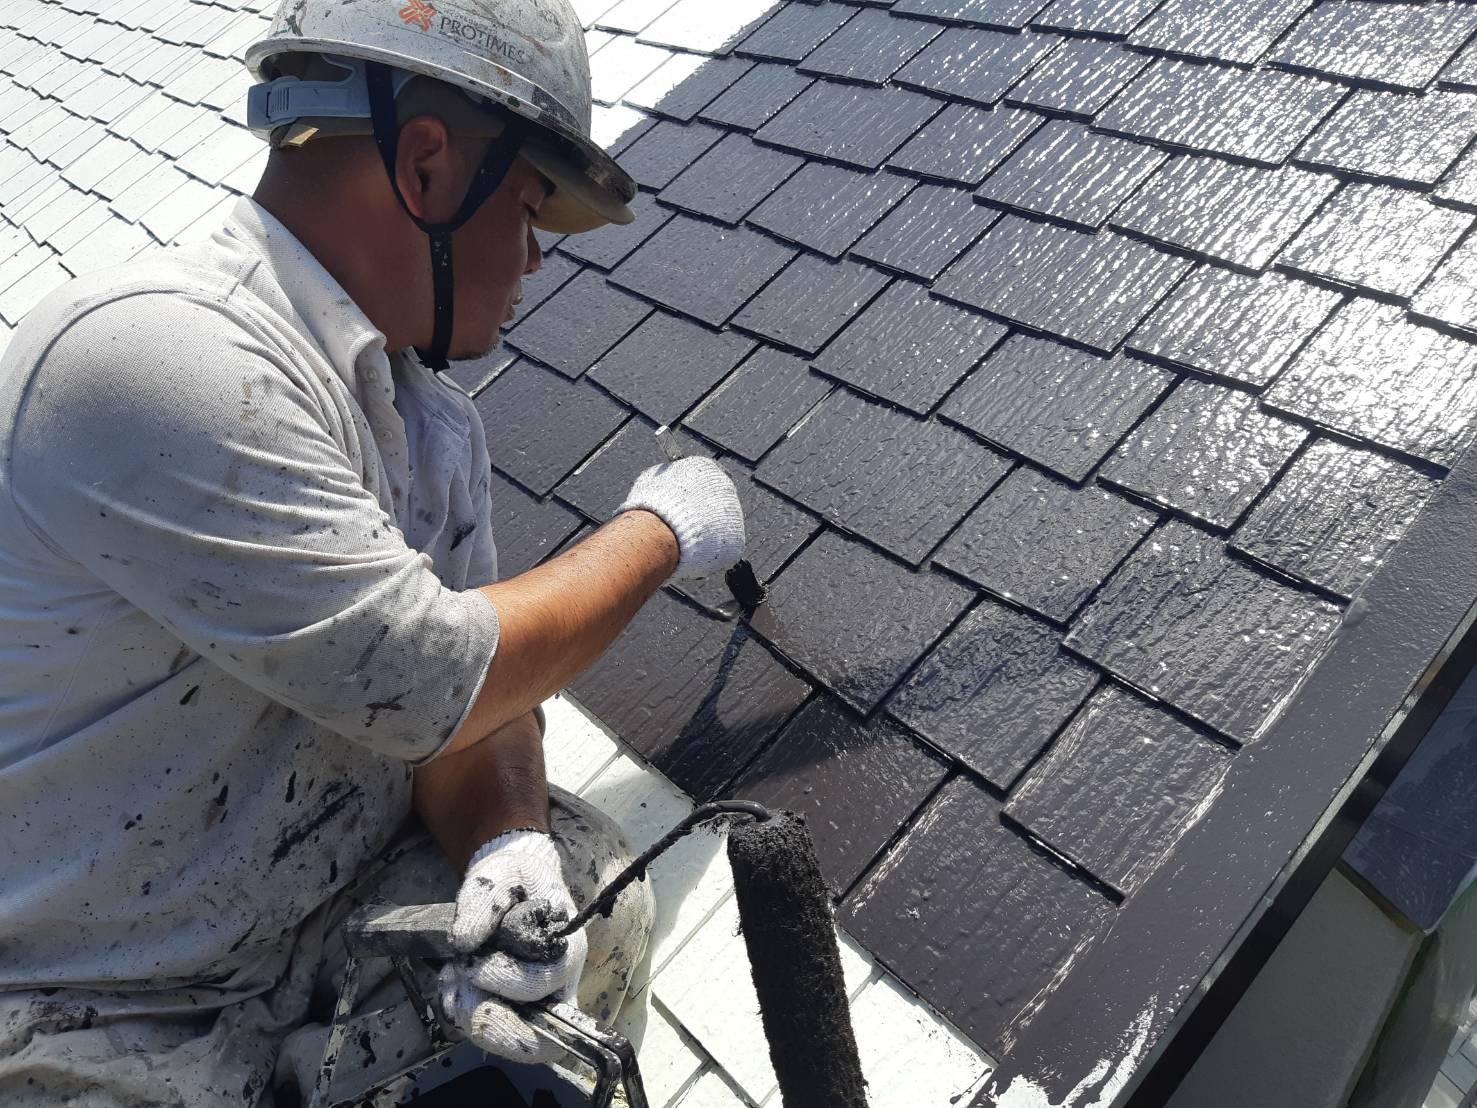 宗像市泉ヶ丘M様邸施工6日目屋根中塗り外壁下塗り作業